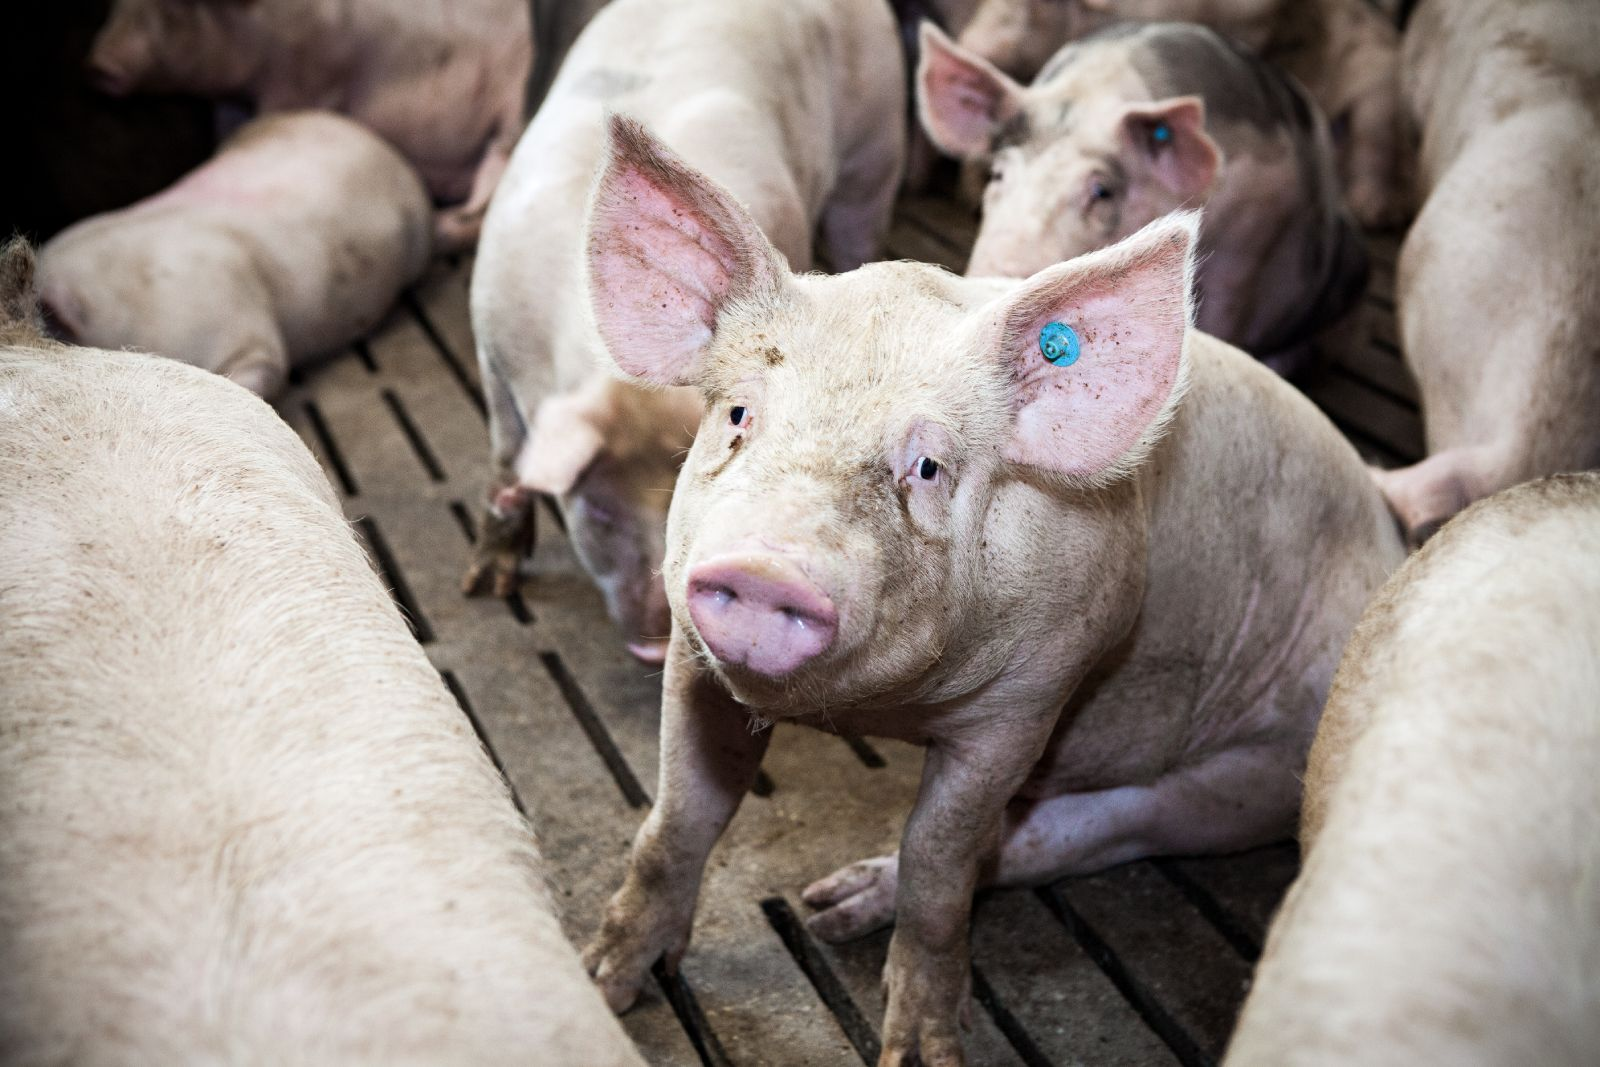 Das Leiden der Schweine in Österreich